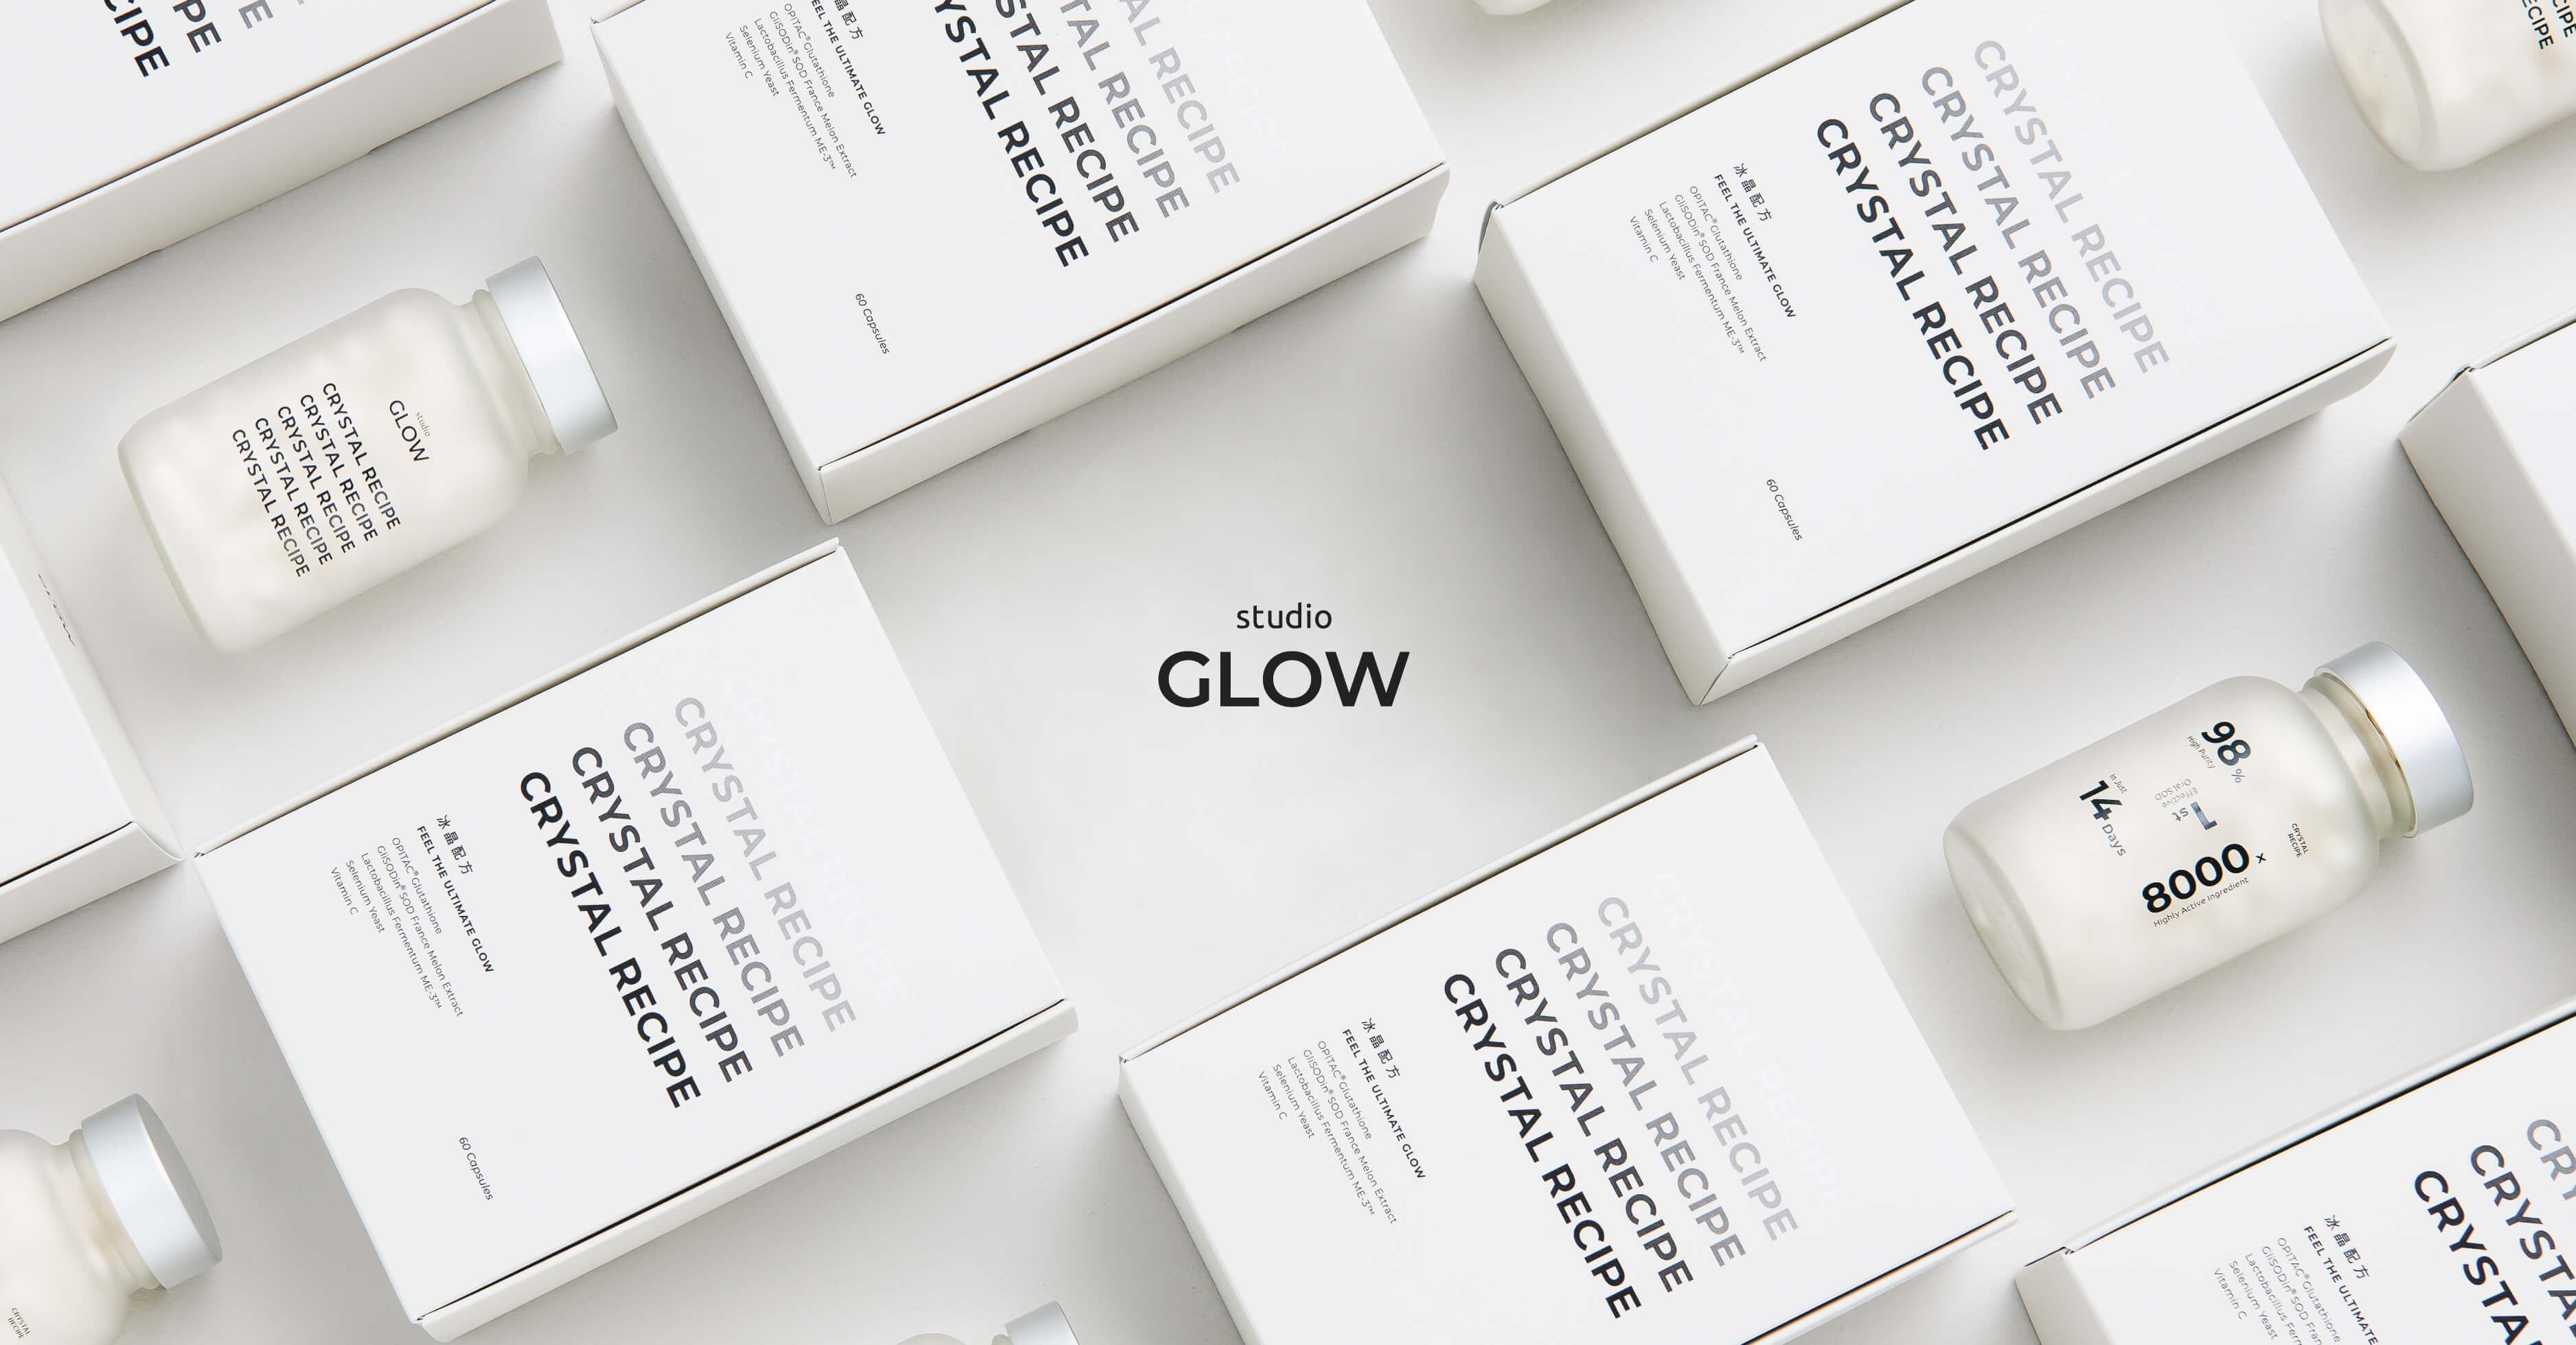 Studio GLOW2